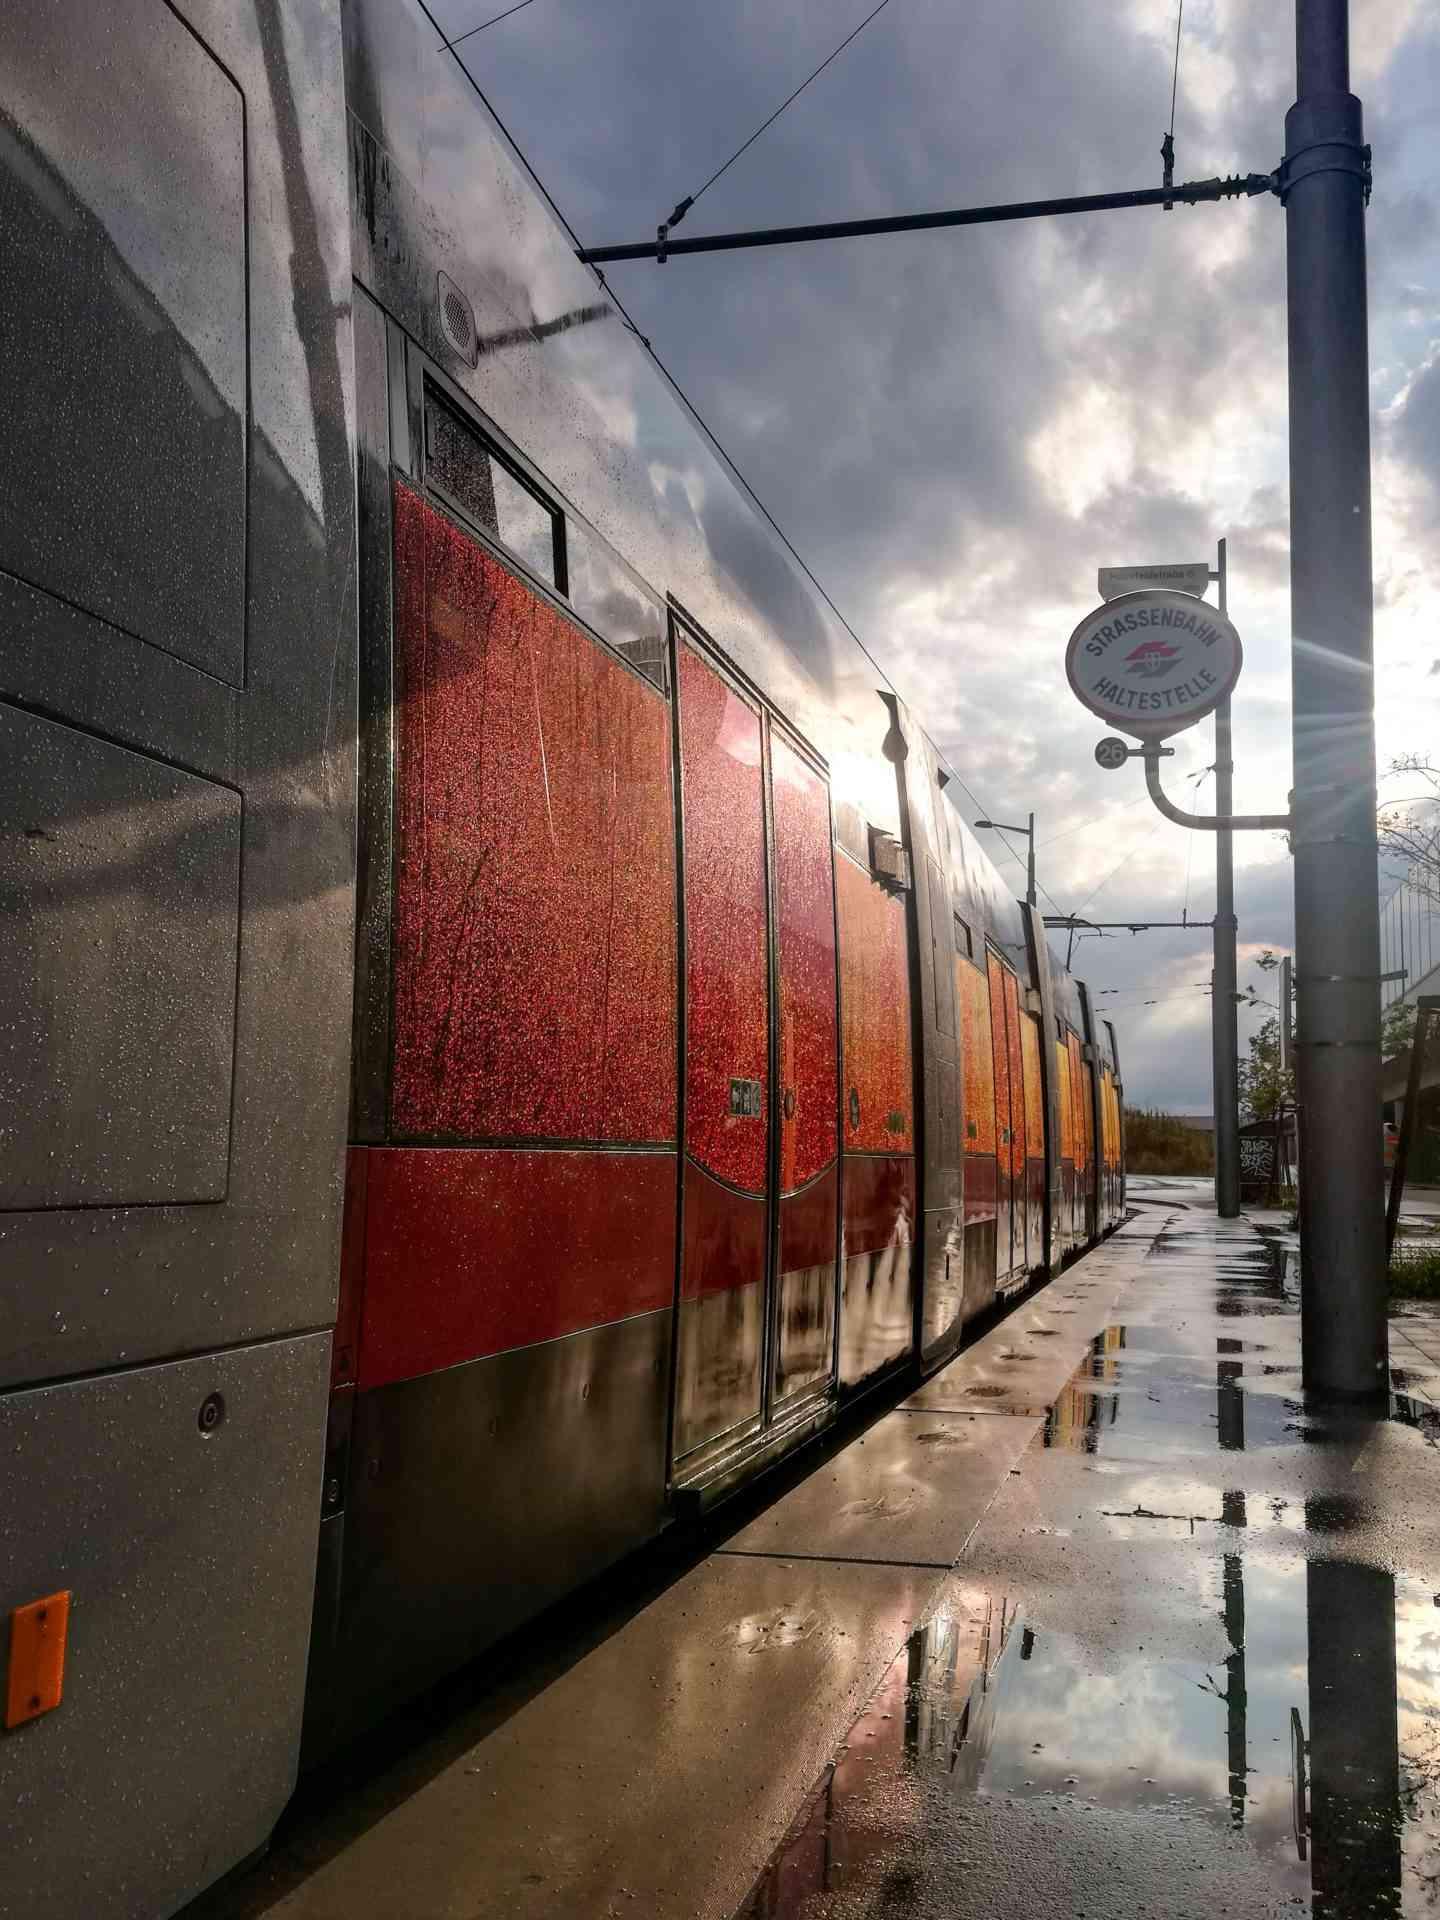 Farbspiegelung der ULF Straßenbahn Fensterfolienscheiben nach einen Regenfall in der Hausfeldstraße